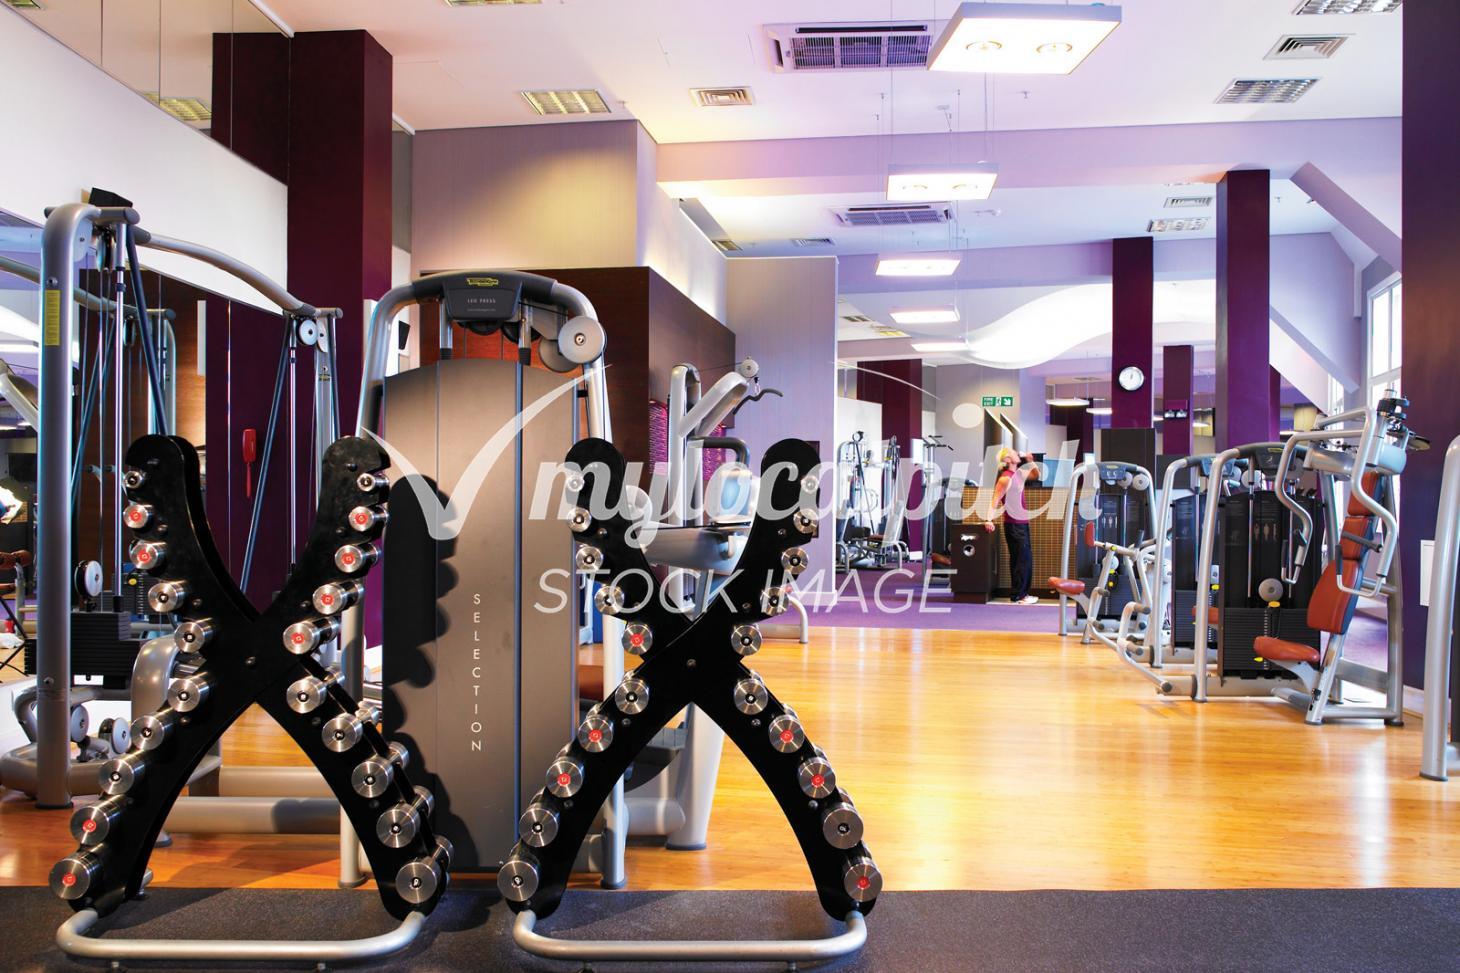 The Regent's Place Health Club Gym gym